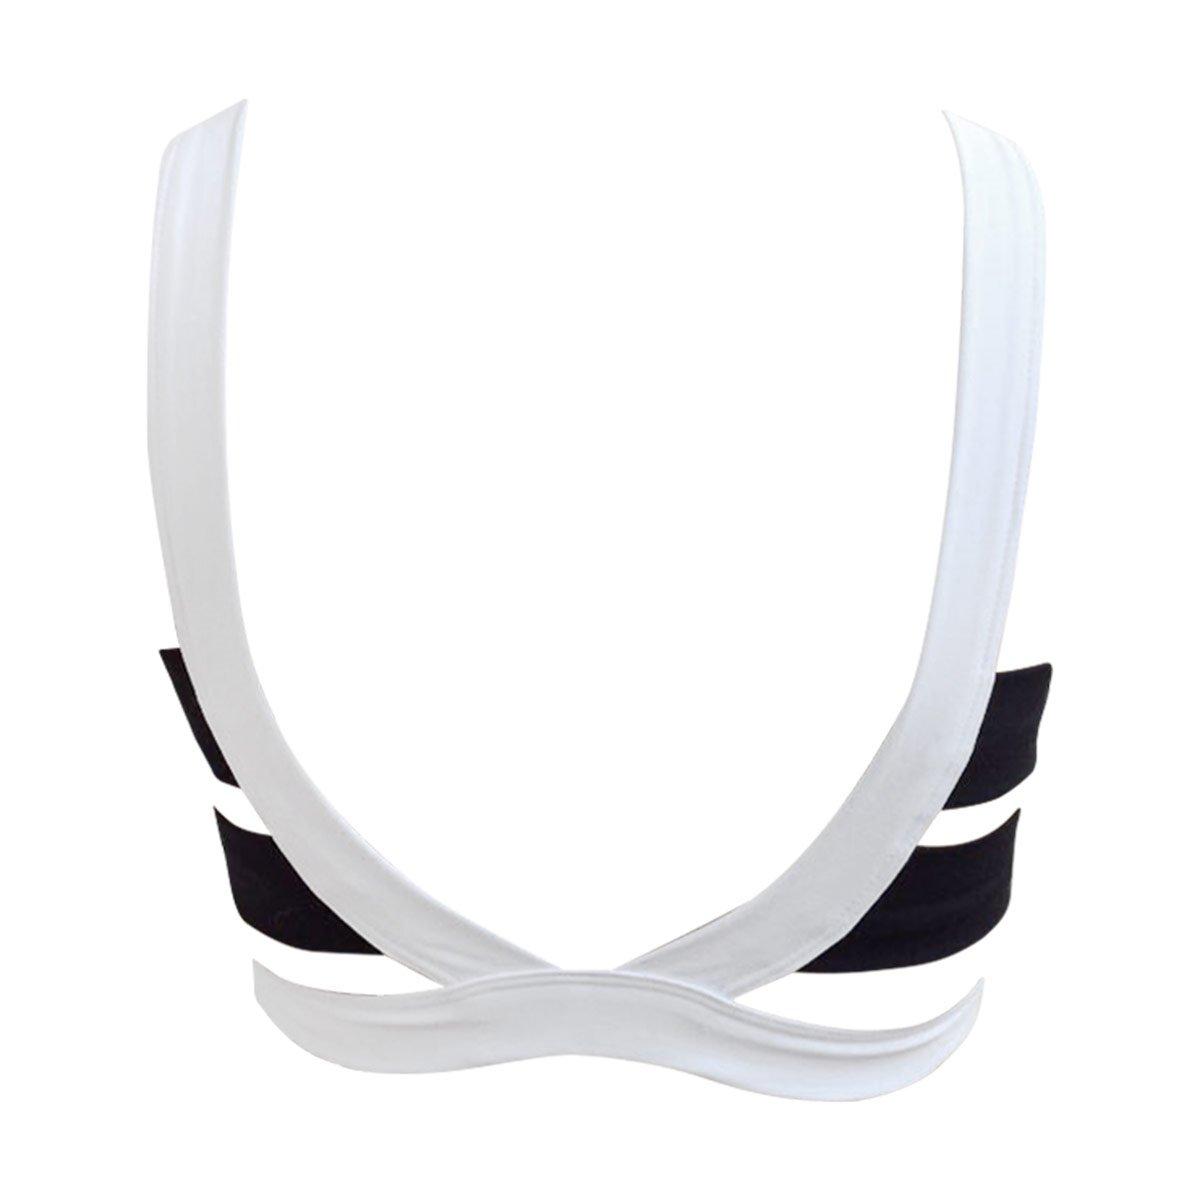 Tule Branco C Top Titanium Suplex Max Suplex Top 0x0wItAS